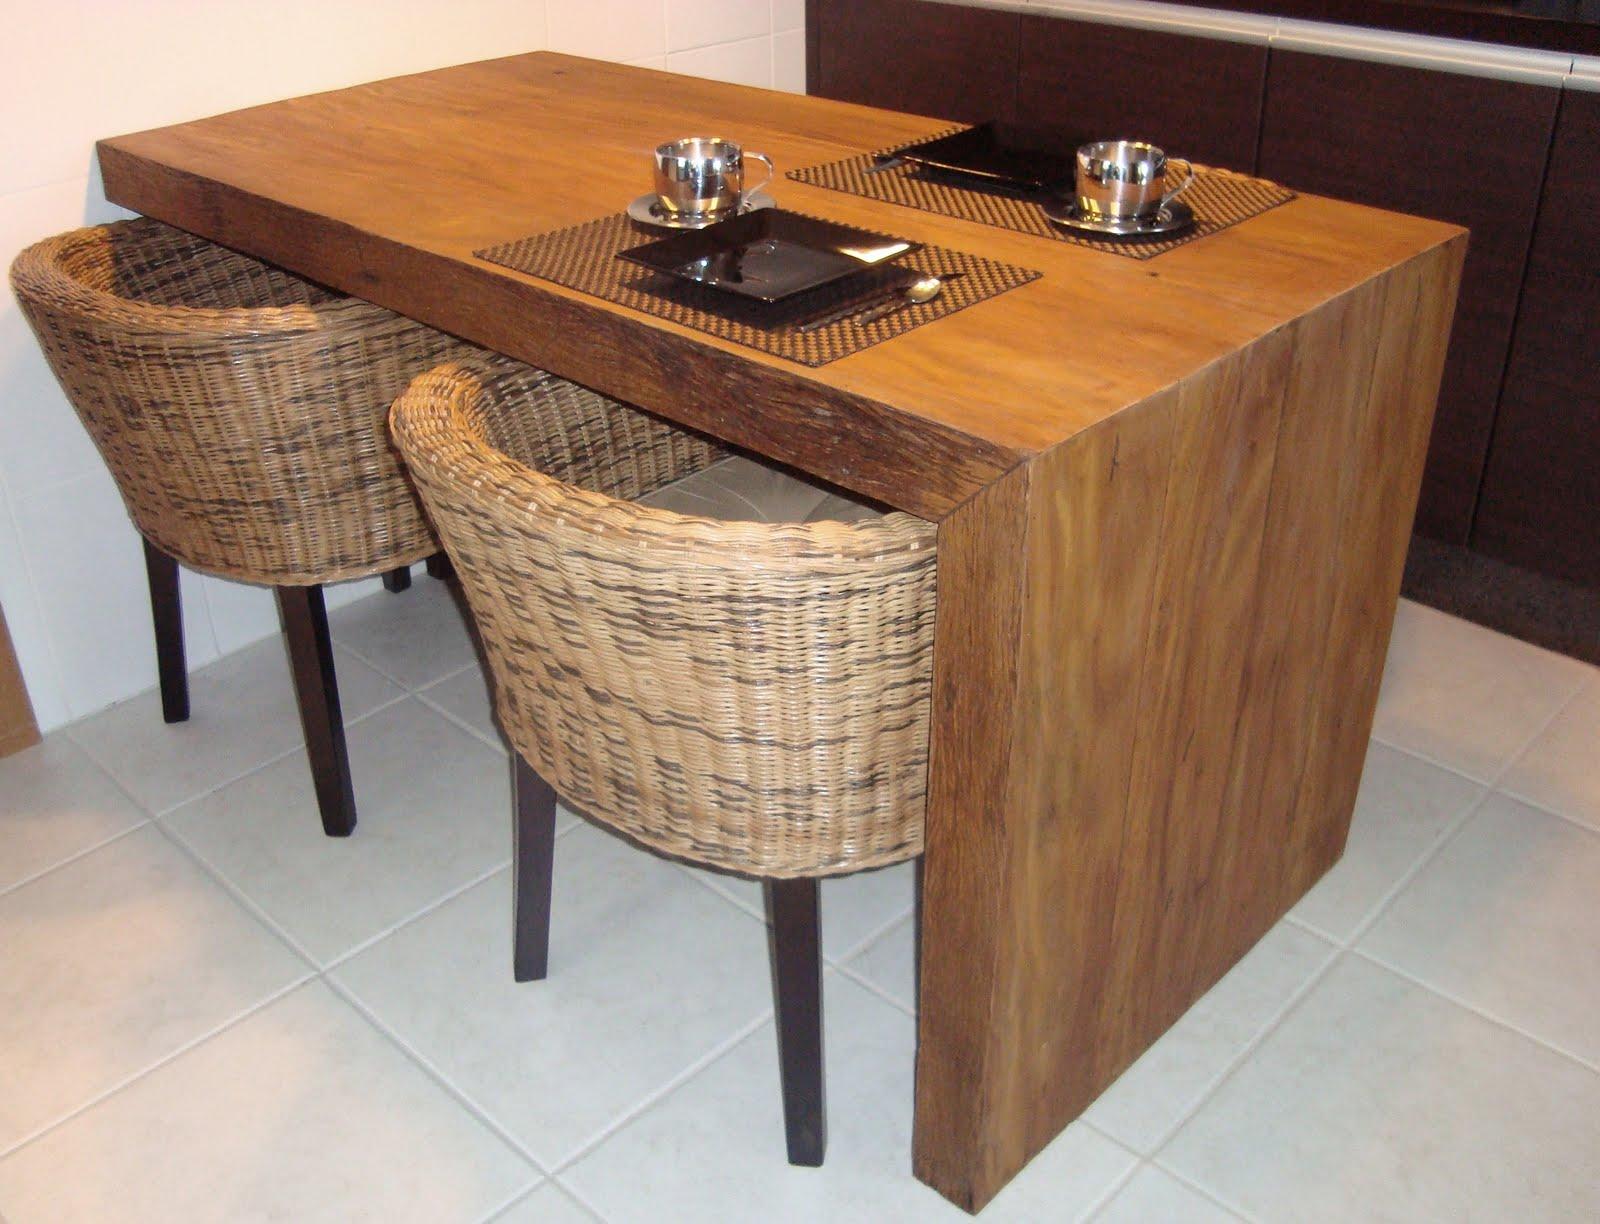 Madeira Brazil: Mesas e bancadas em madeira maciça e de demolição #9D612E 1600 1224